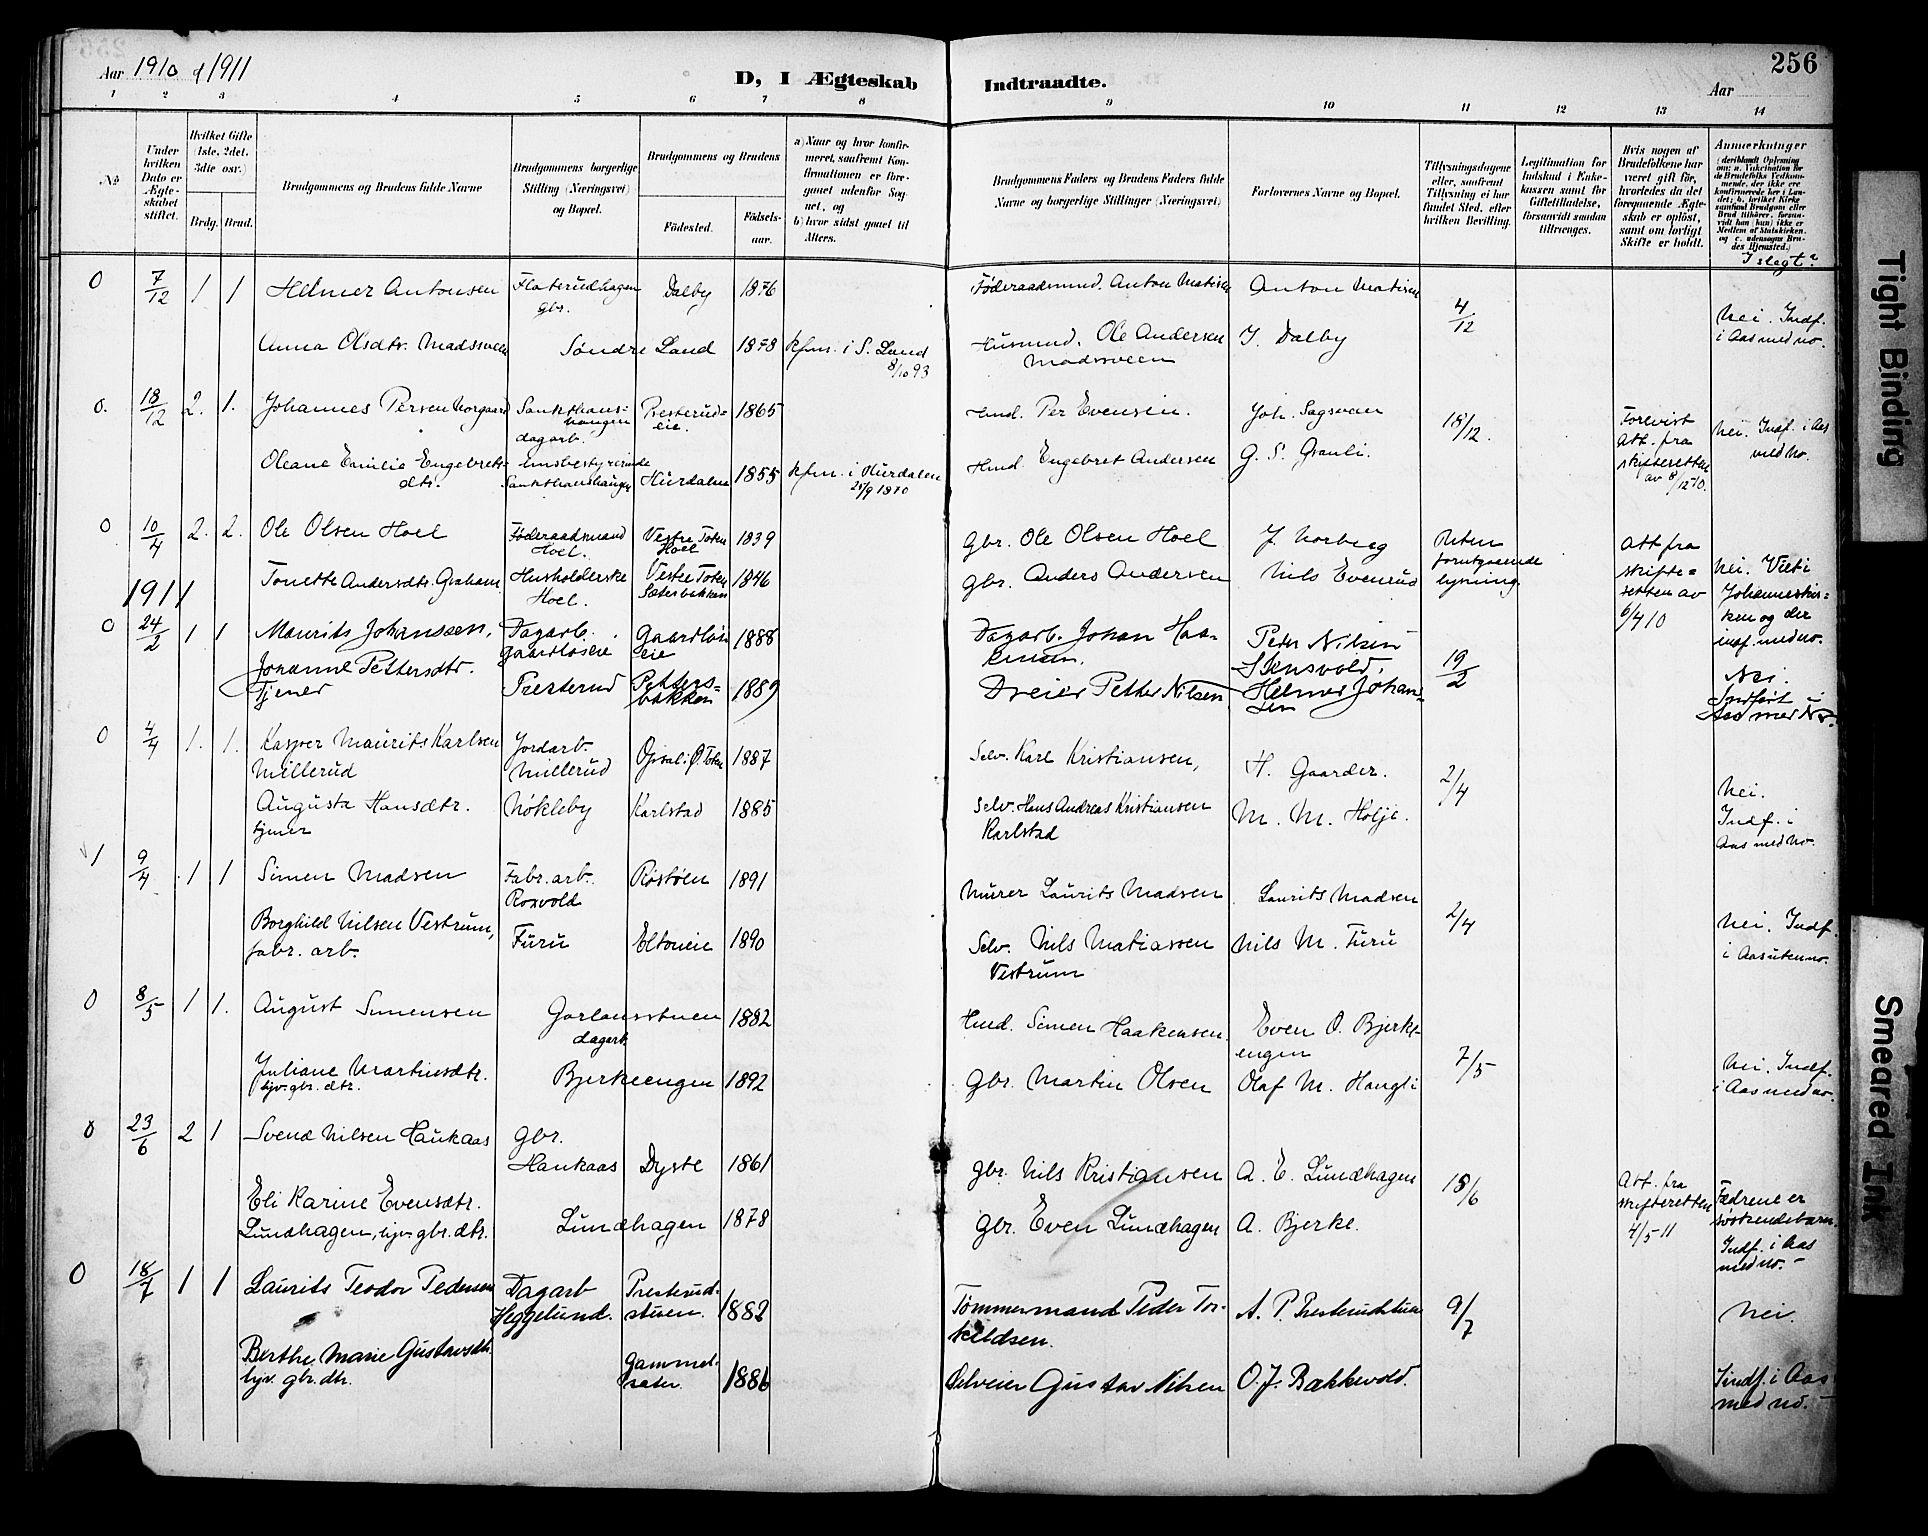 SAH, Vestre Toten prestekontor, Ministerialbok nr. 13, 1895-1911, s. 256